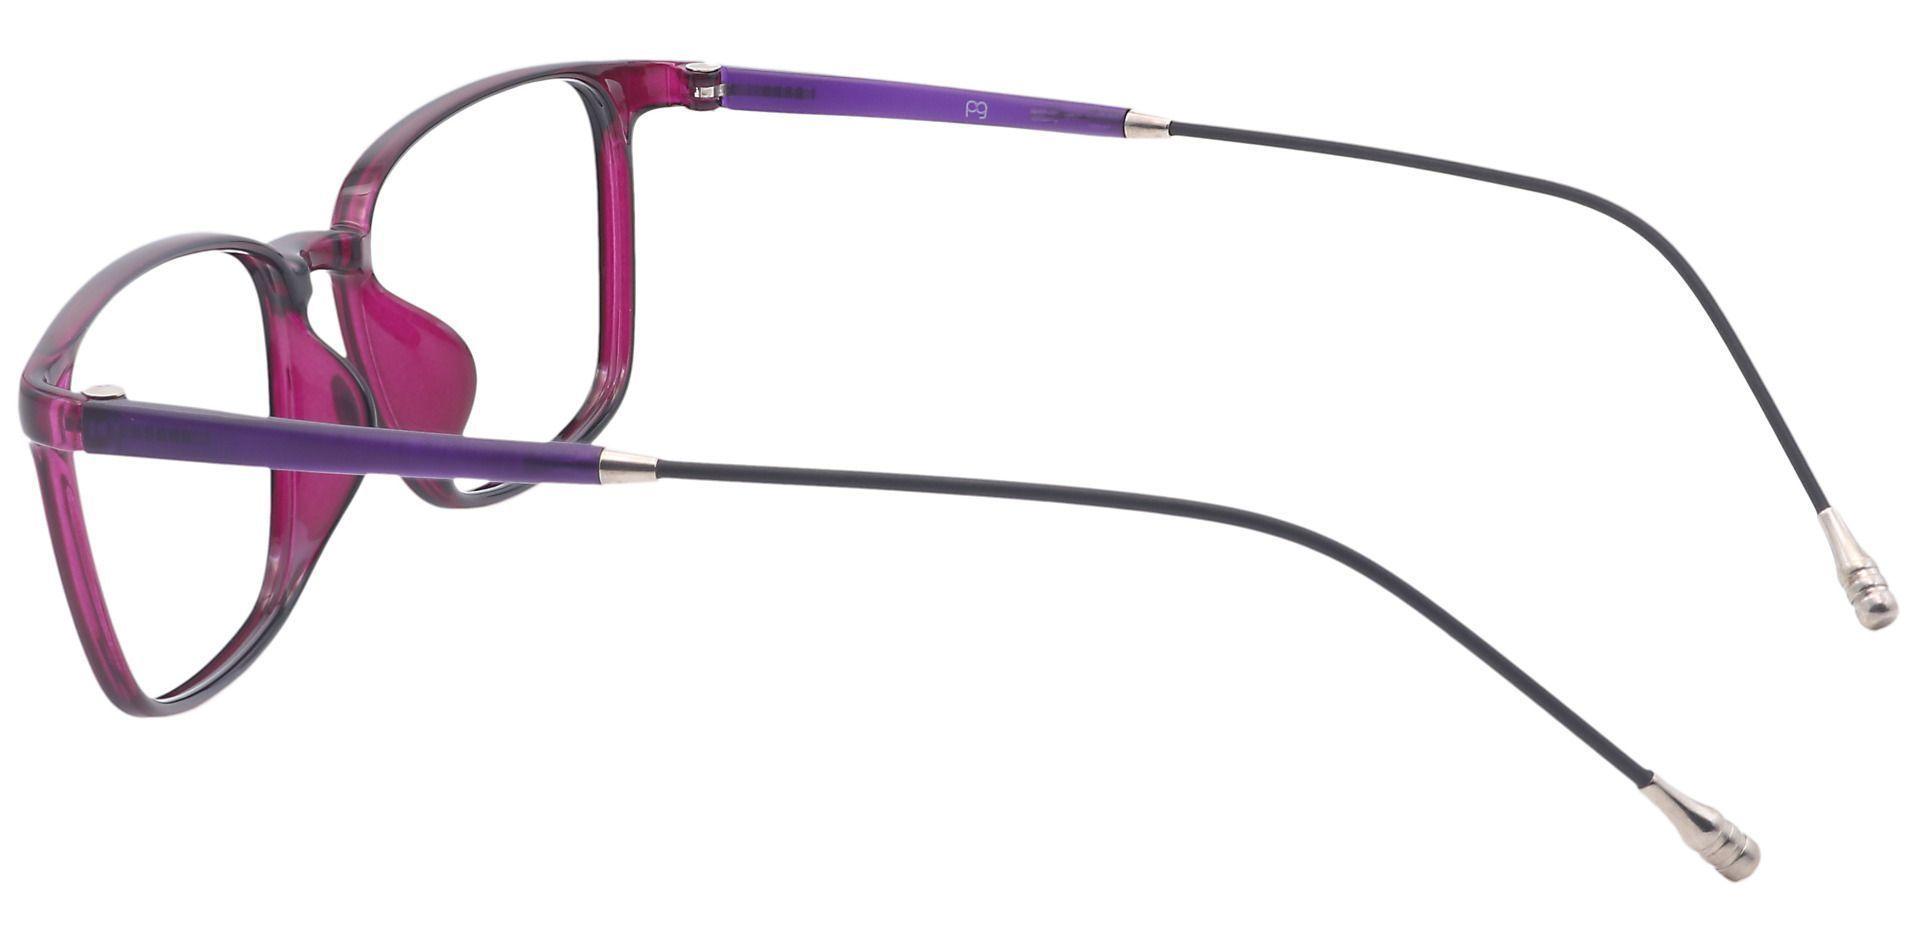 Ivy Rectangle Prescription Glasses - Purple